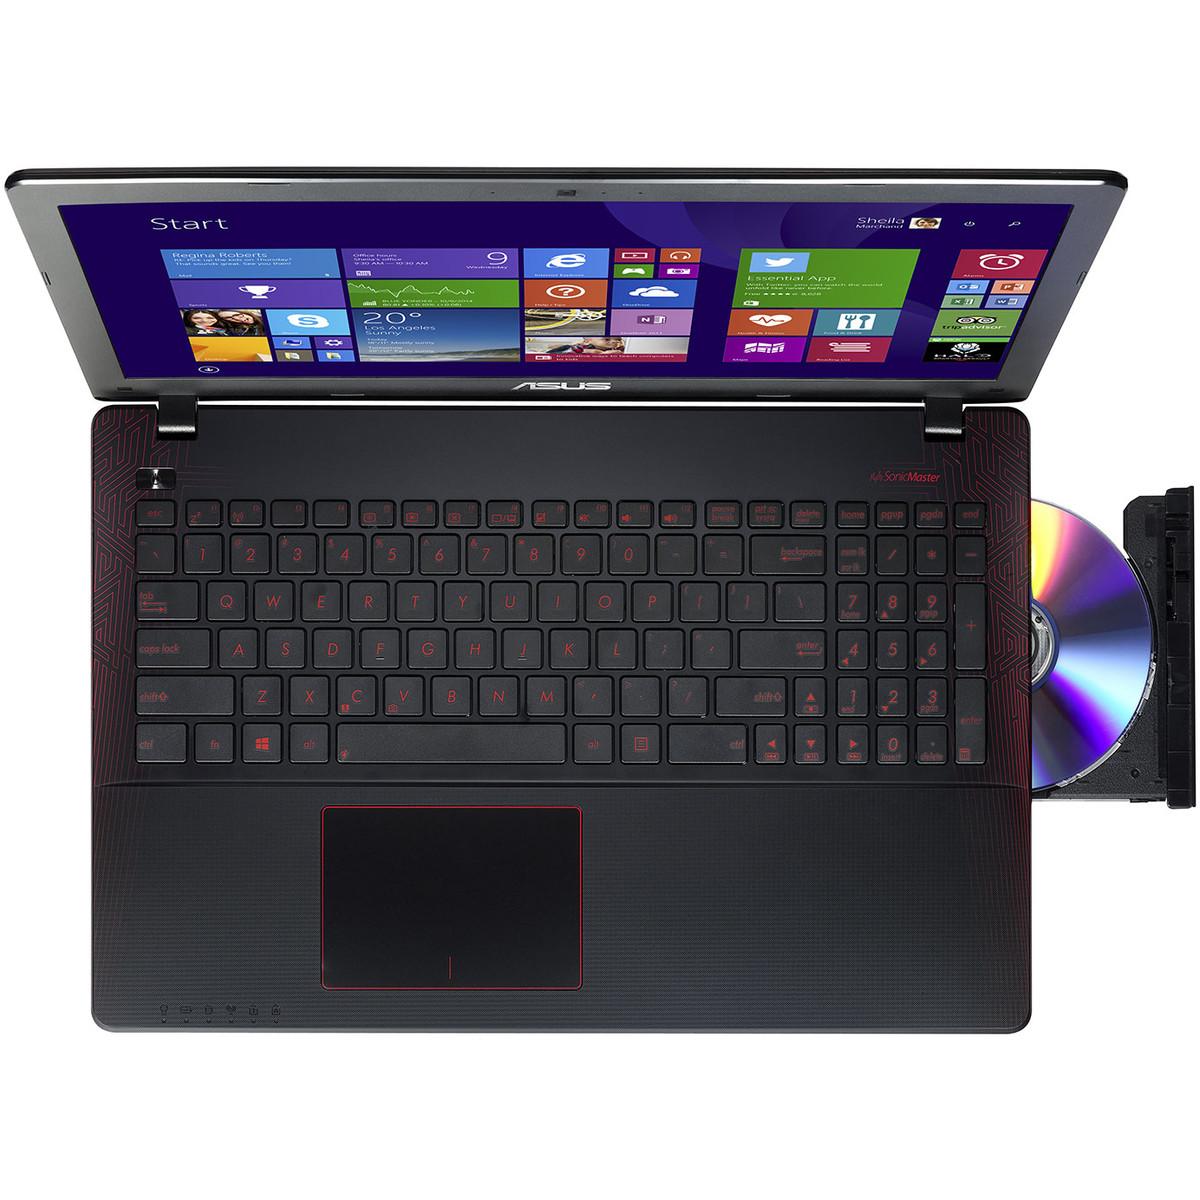 ASUS Ordinateur portable R510JX DM225T Noir Ecran 15.6 pouces